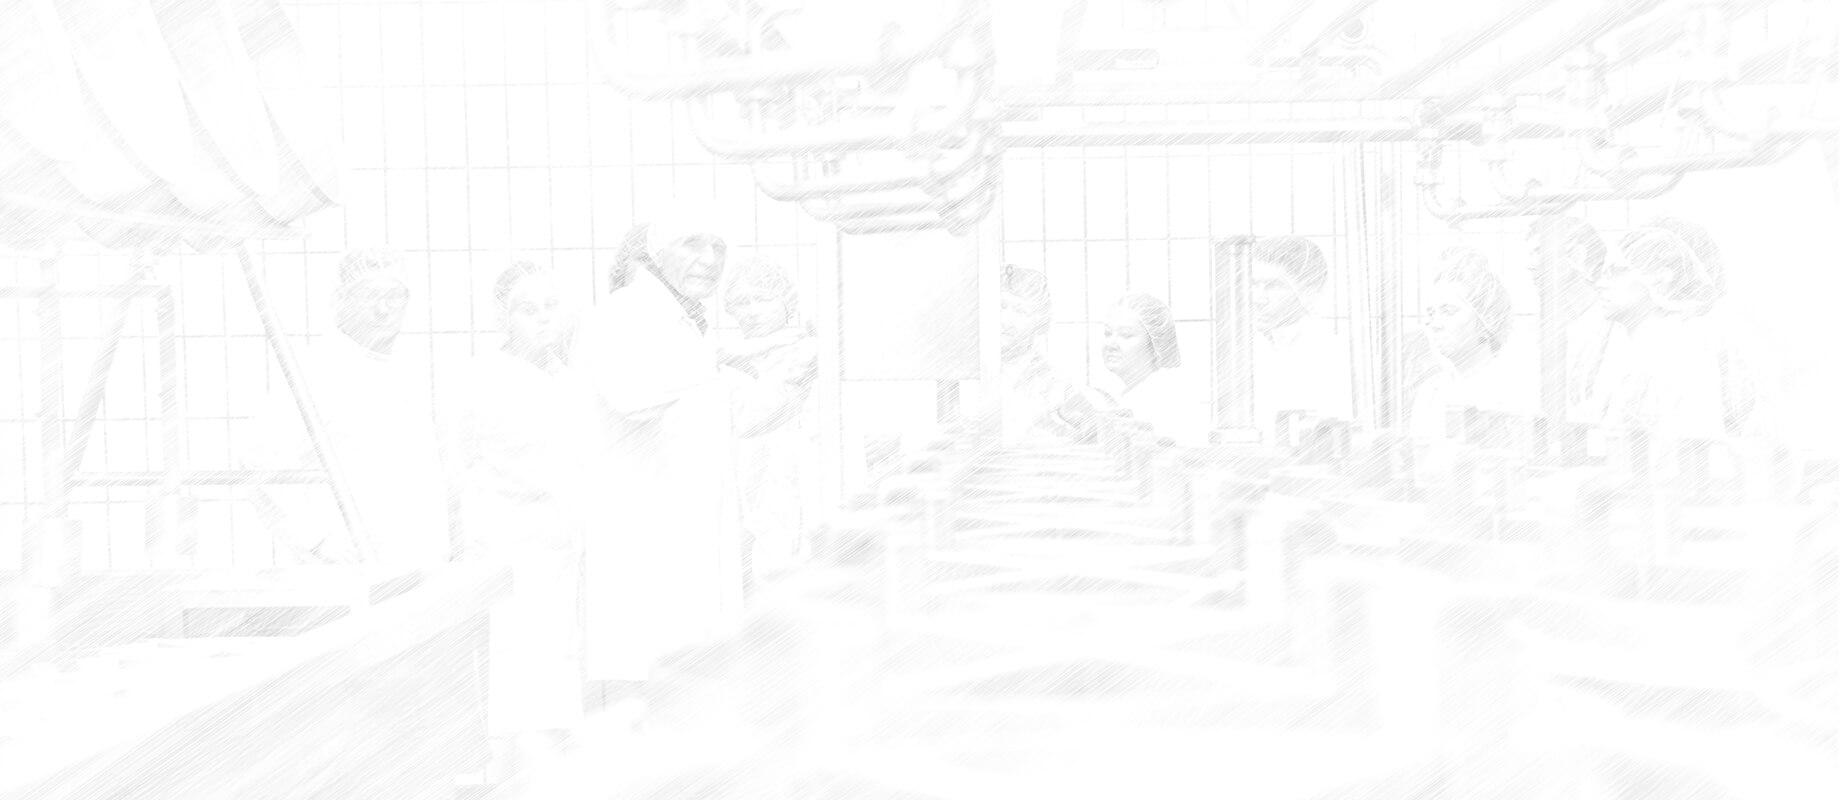 Seminar Schraffur 4000x1740